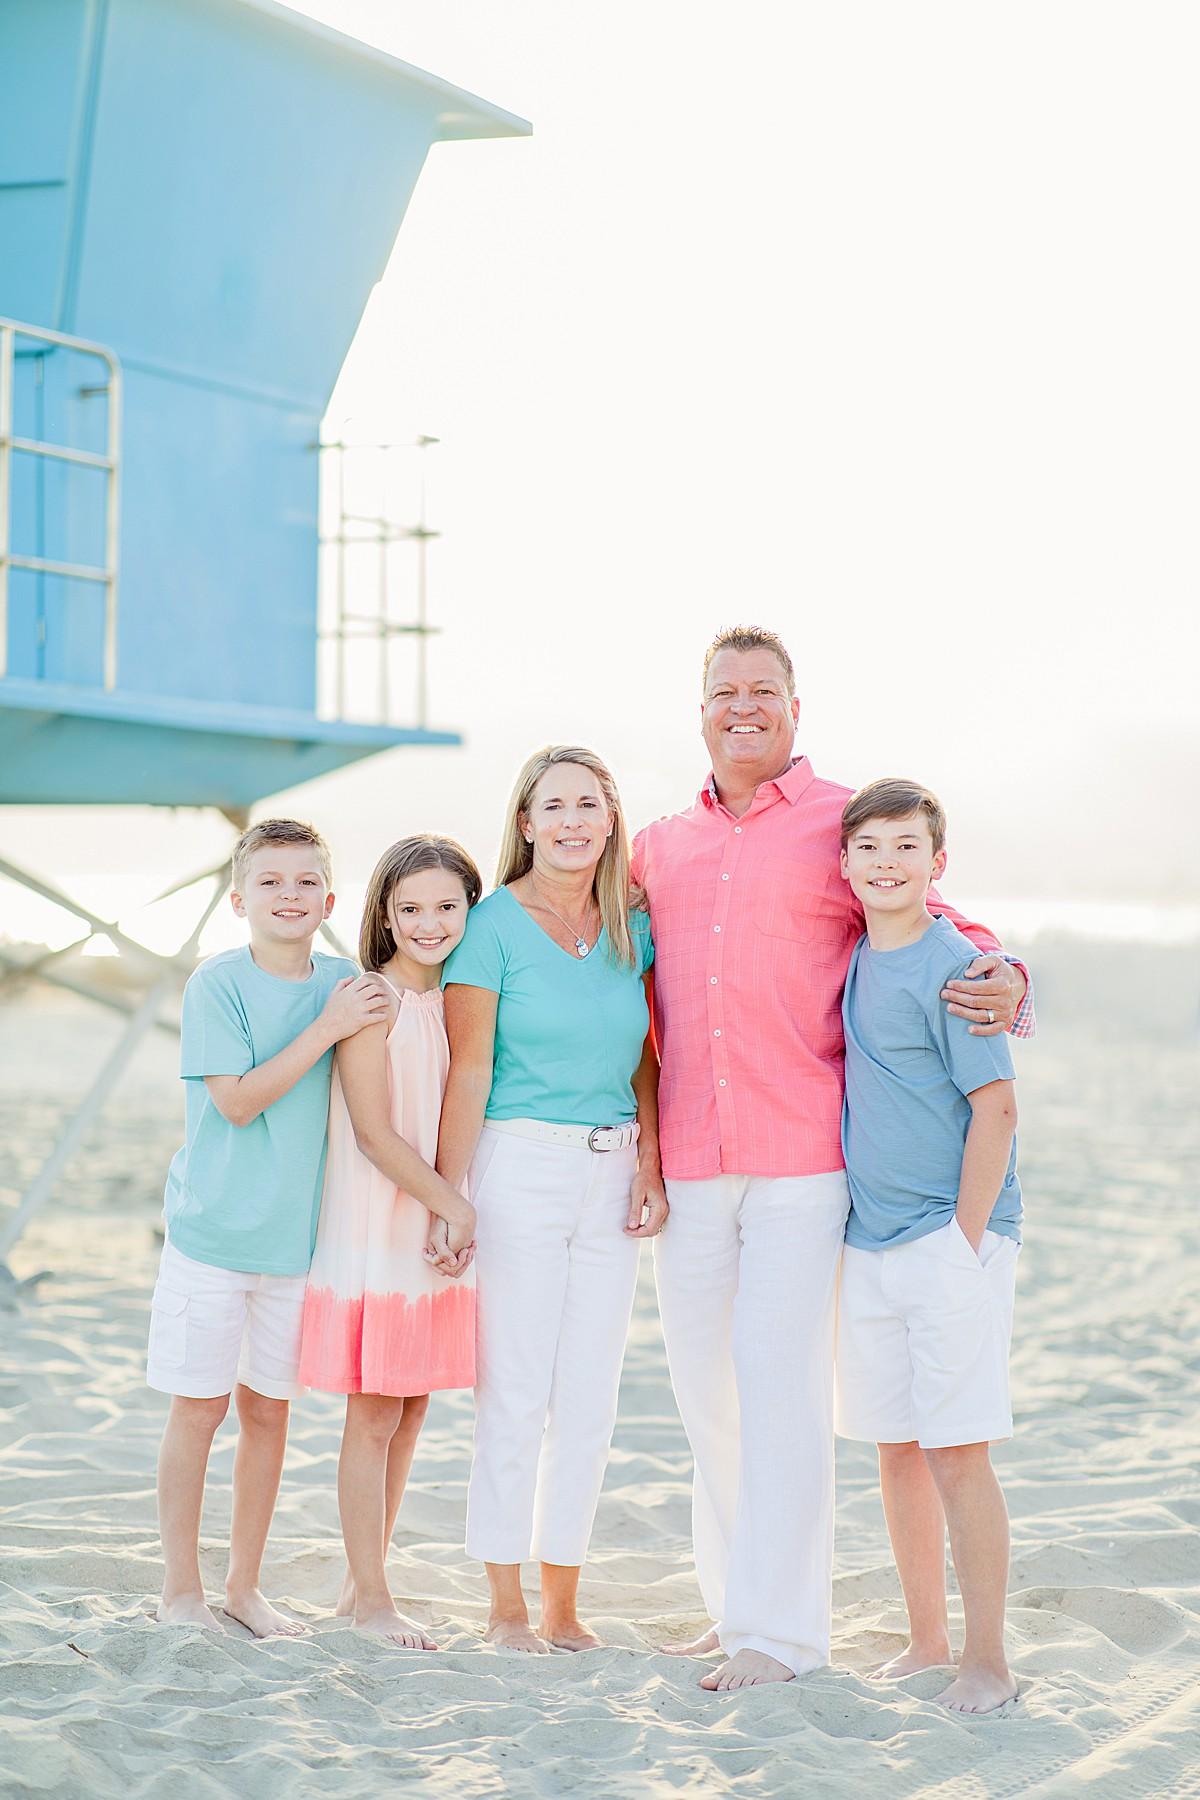 Family Photos on Coronado